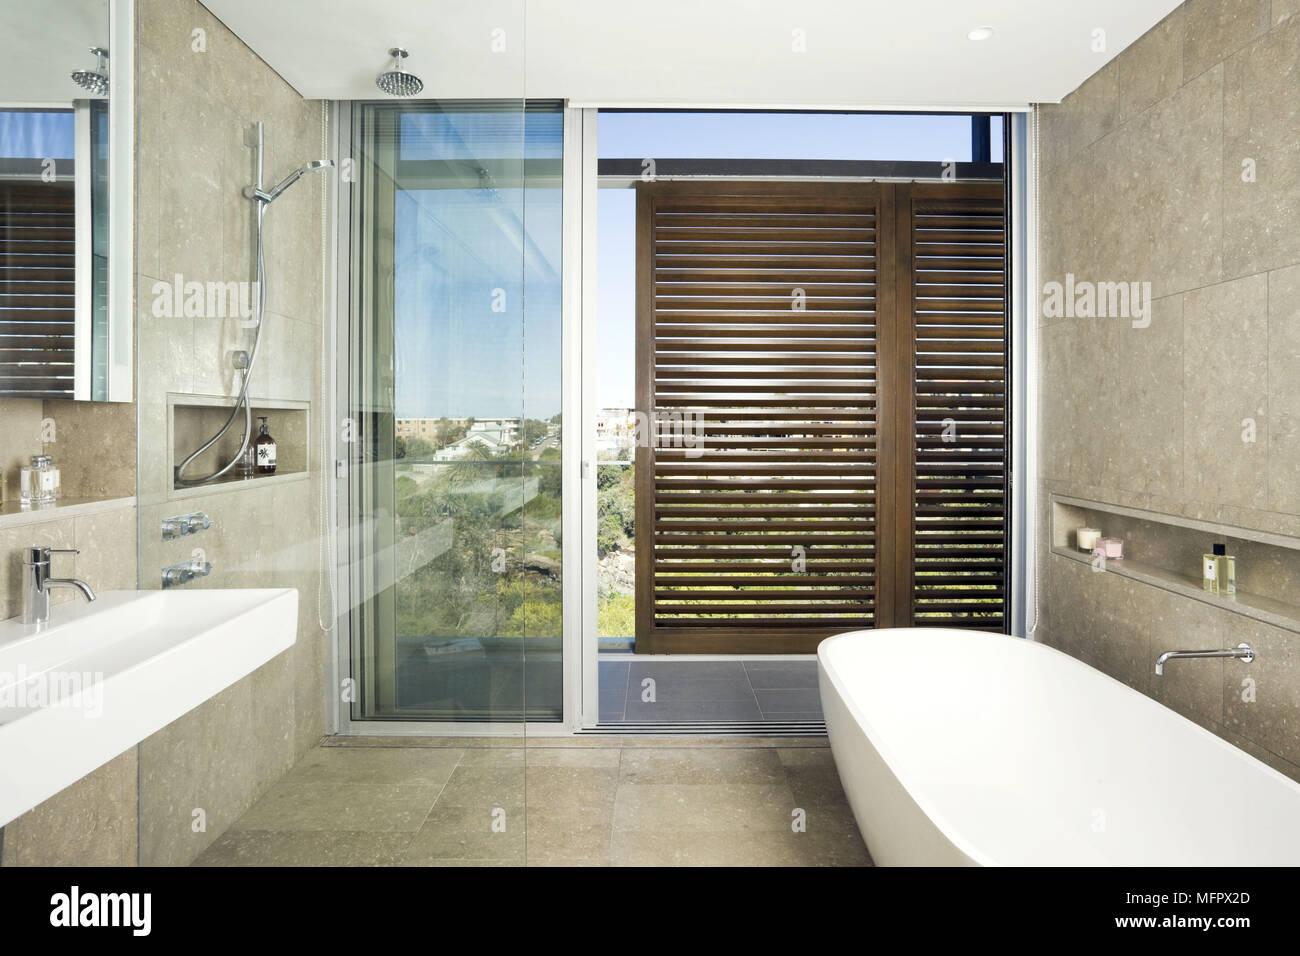 Freestanding vasca nel bagno moderno con porta scorrevole per area